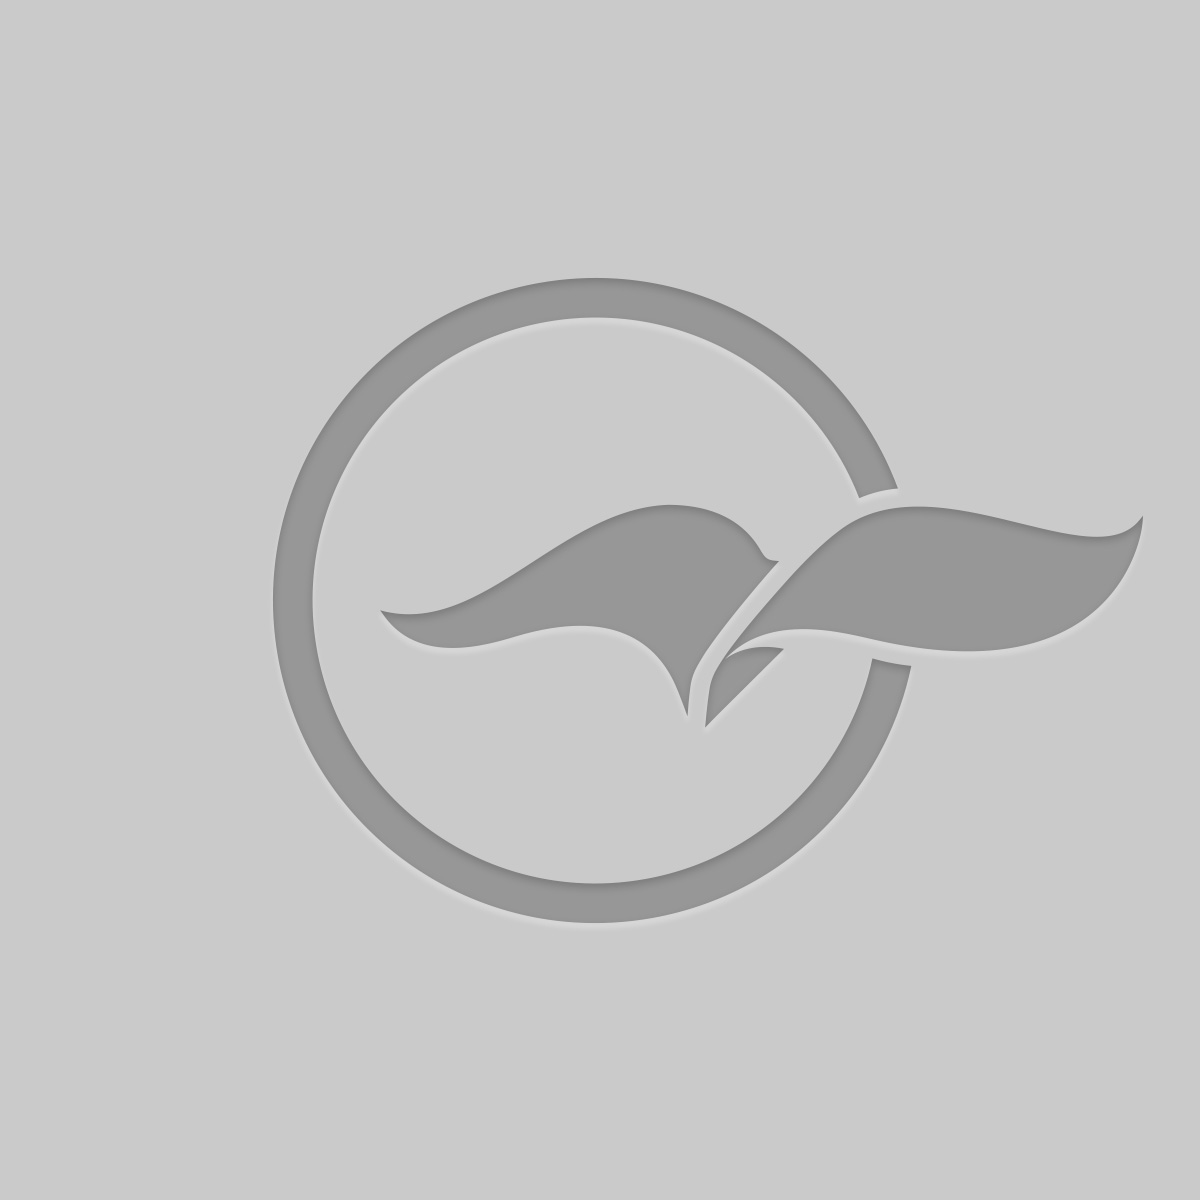 ഉപരോധം ആരംഭിച്ചത് കഴിഞ്ഞ റമദാൻ ആദ്യത്തിൽ: റമദാനിലെ ഉംറ സ്വപ്നമായി തുടരുന്നു